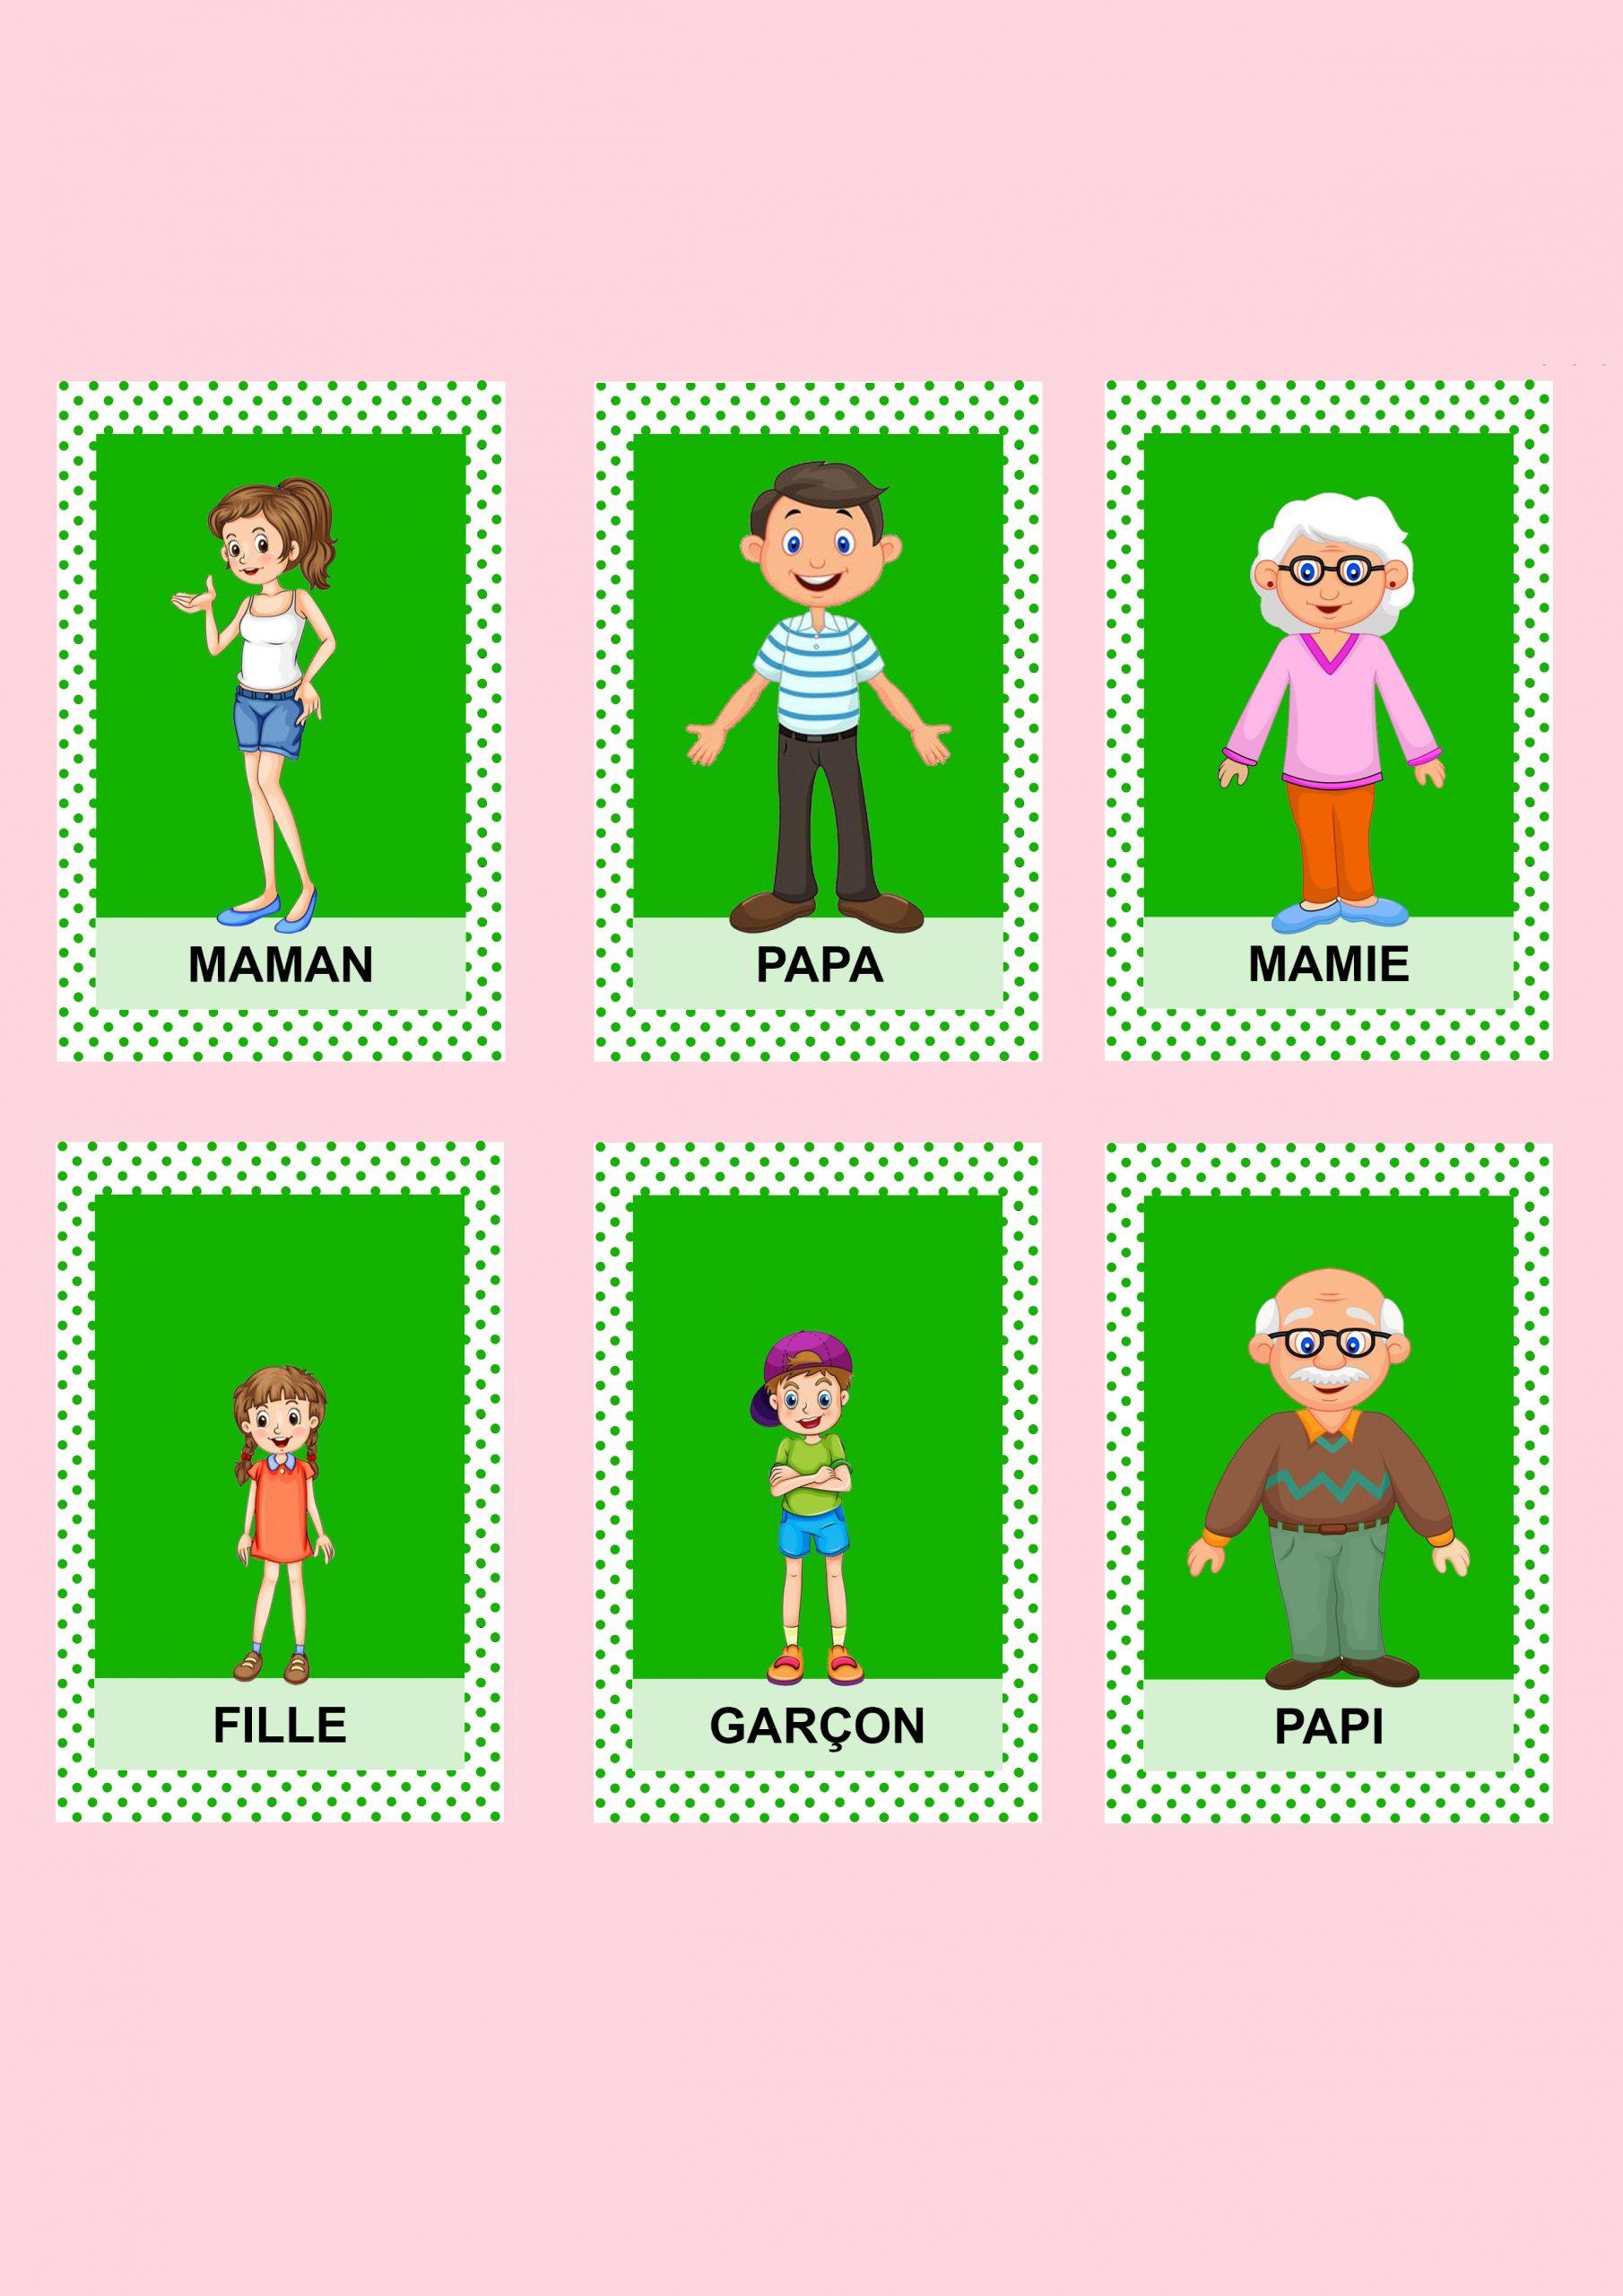 Jeu De 7 Familles - Les Activités De Maman destiné Jeux De Grand Garçon